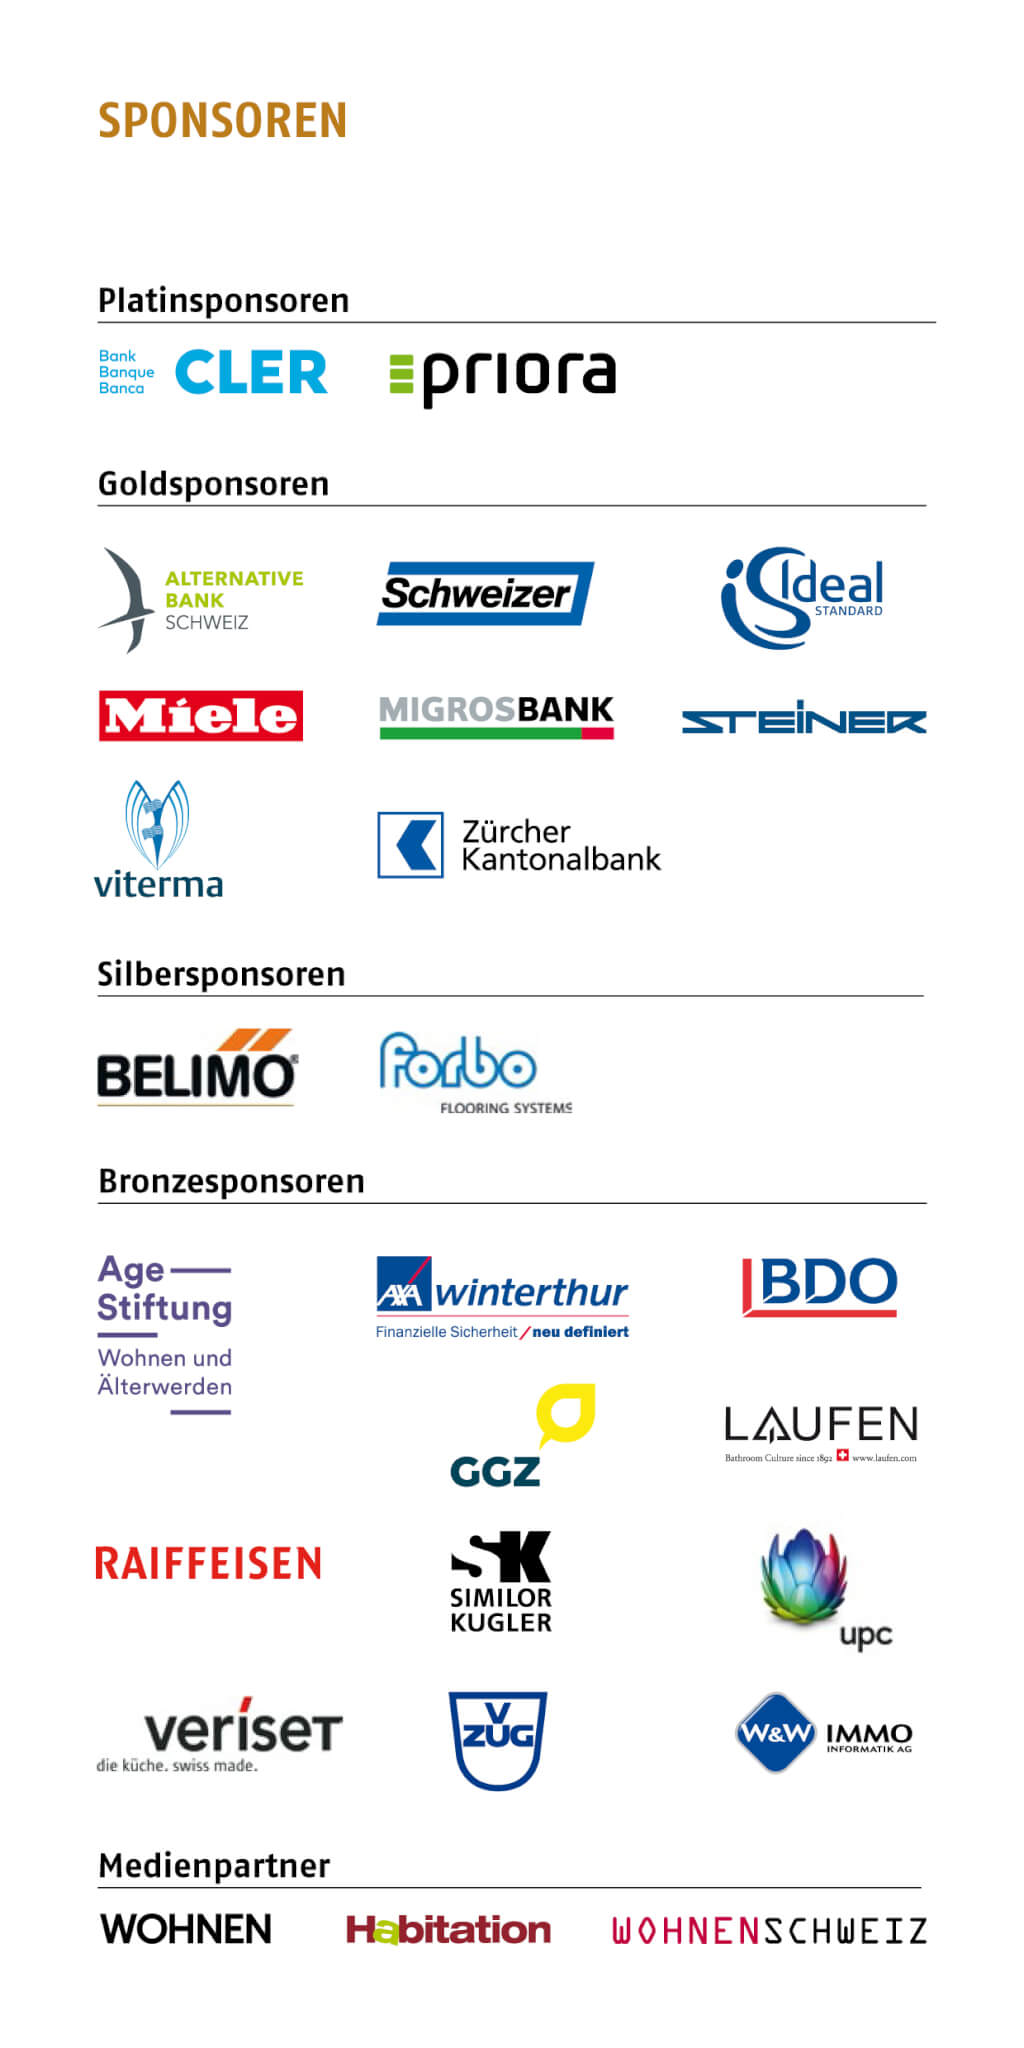 größte banken deutschlands 2017